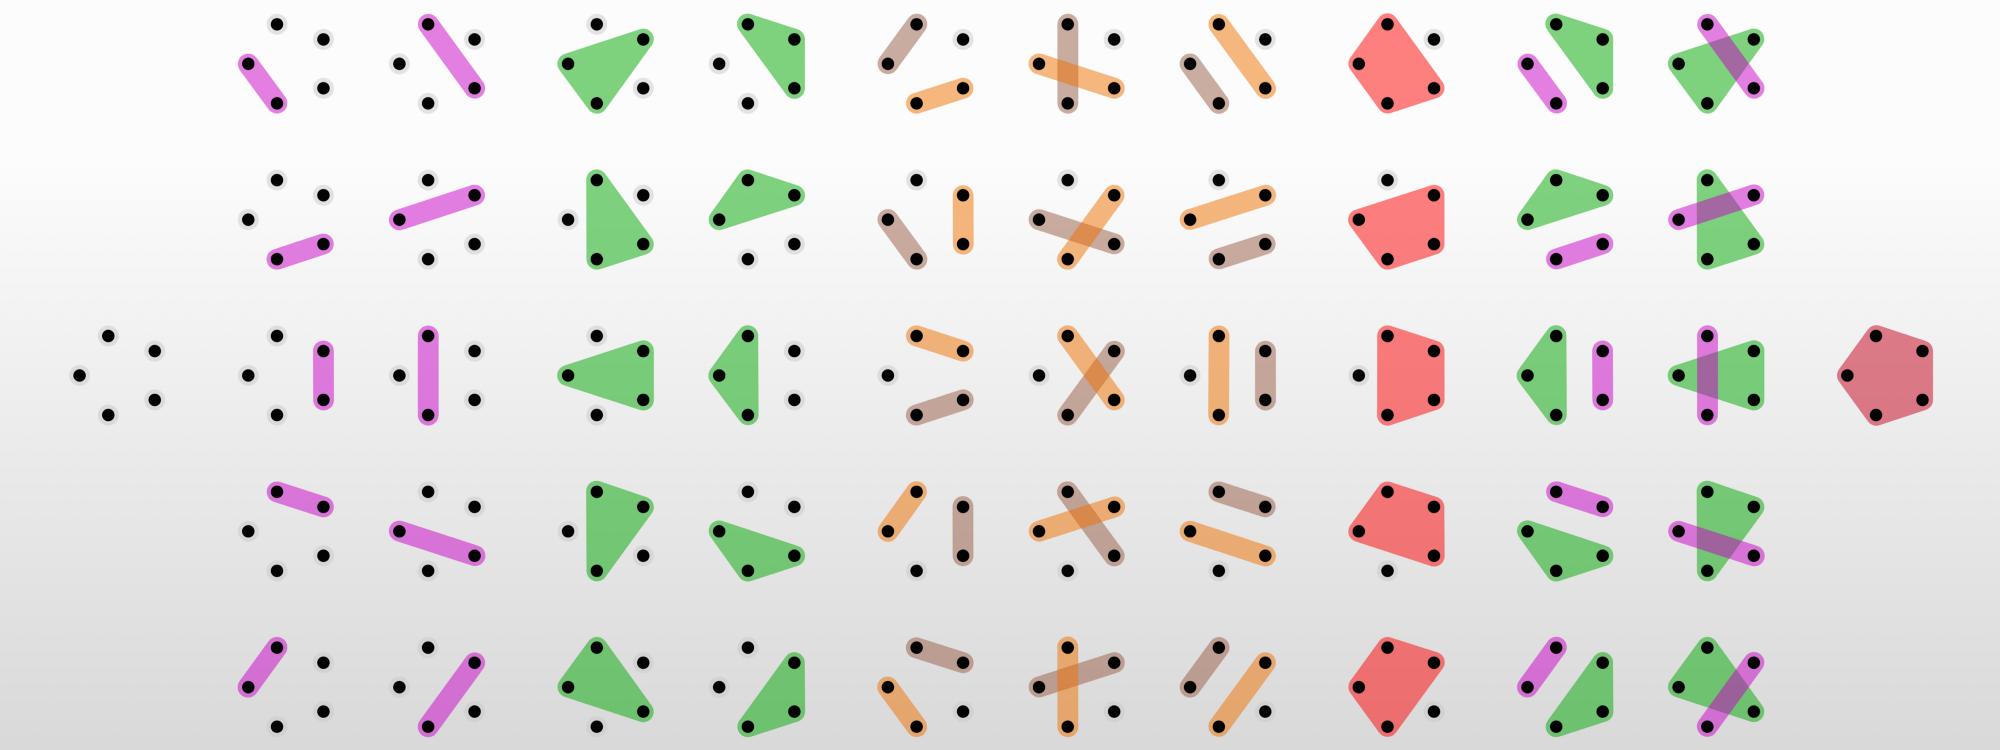 Understanding the possible range